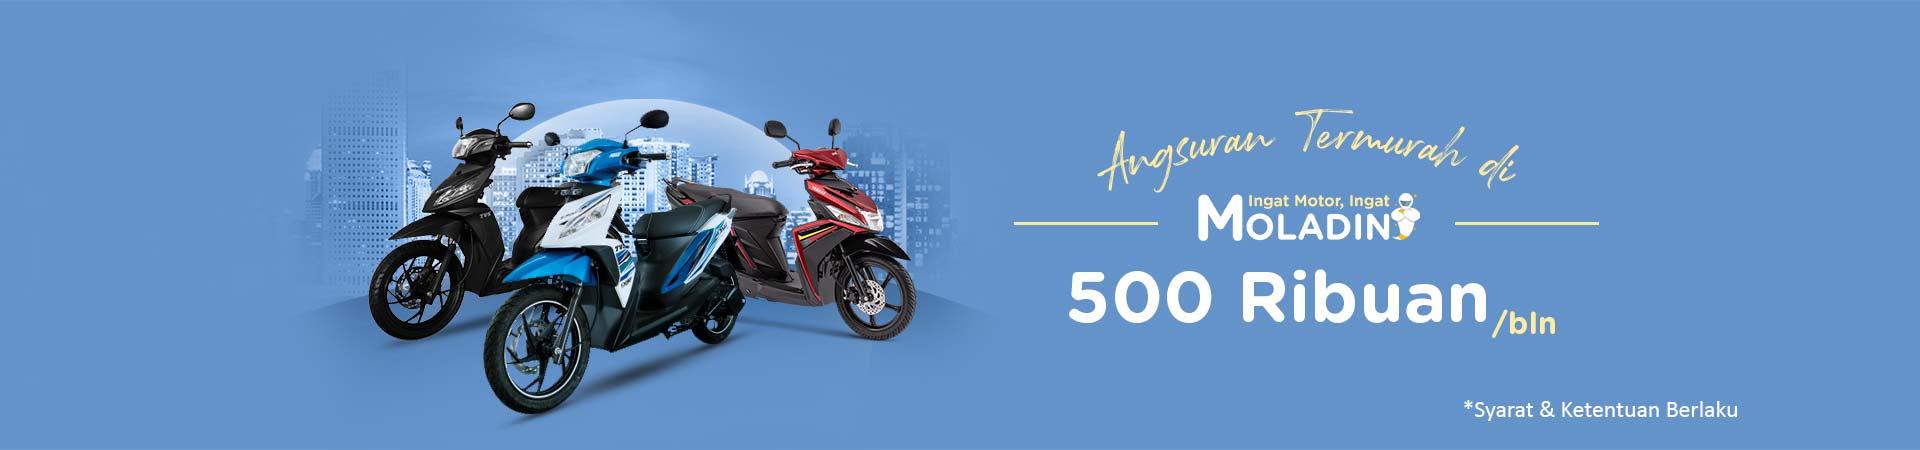 Promo Angsuran Termurah - Cuma 500 Ribuan Sebulan!